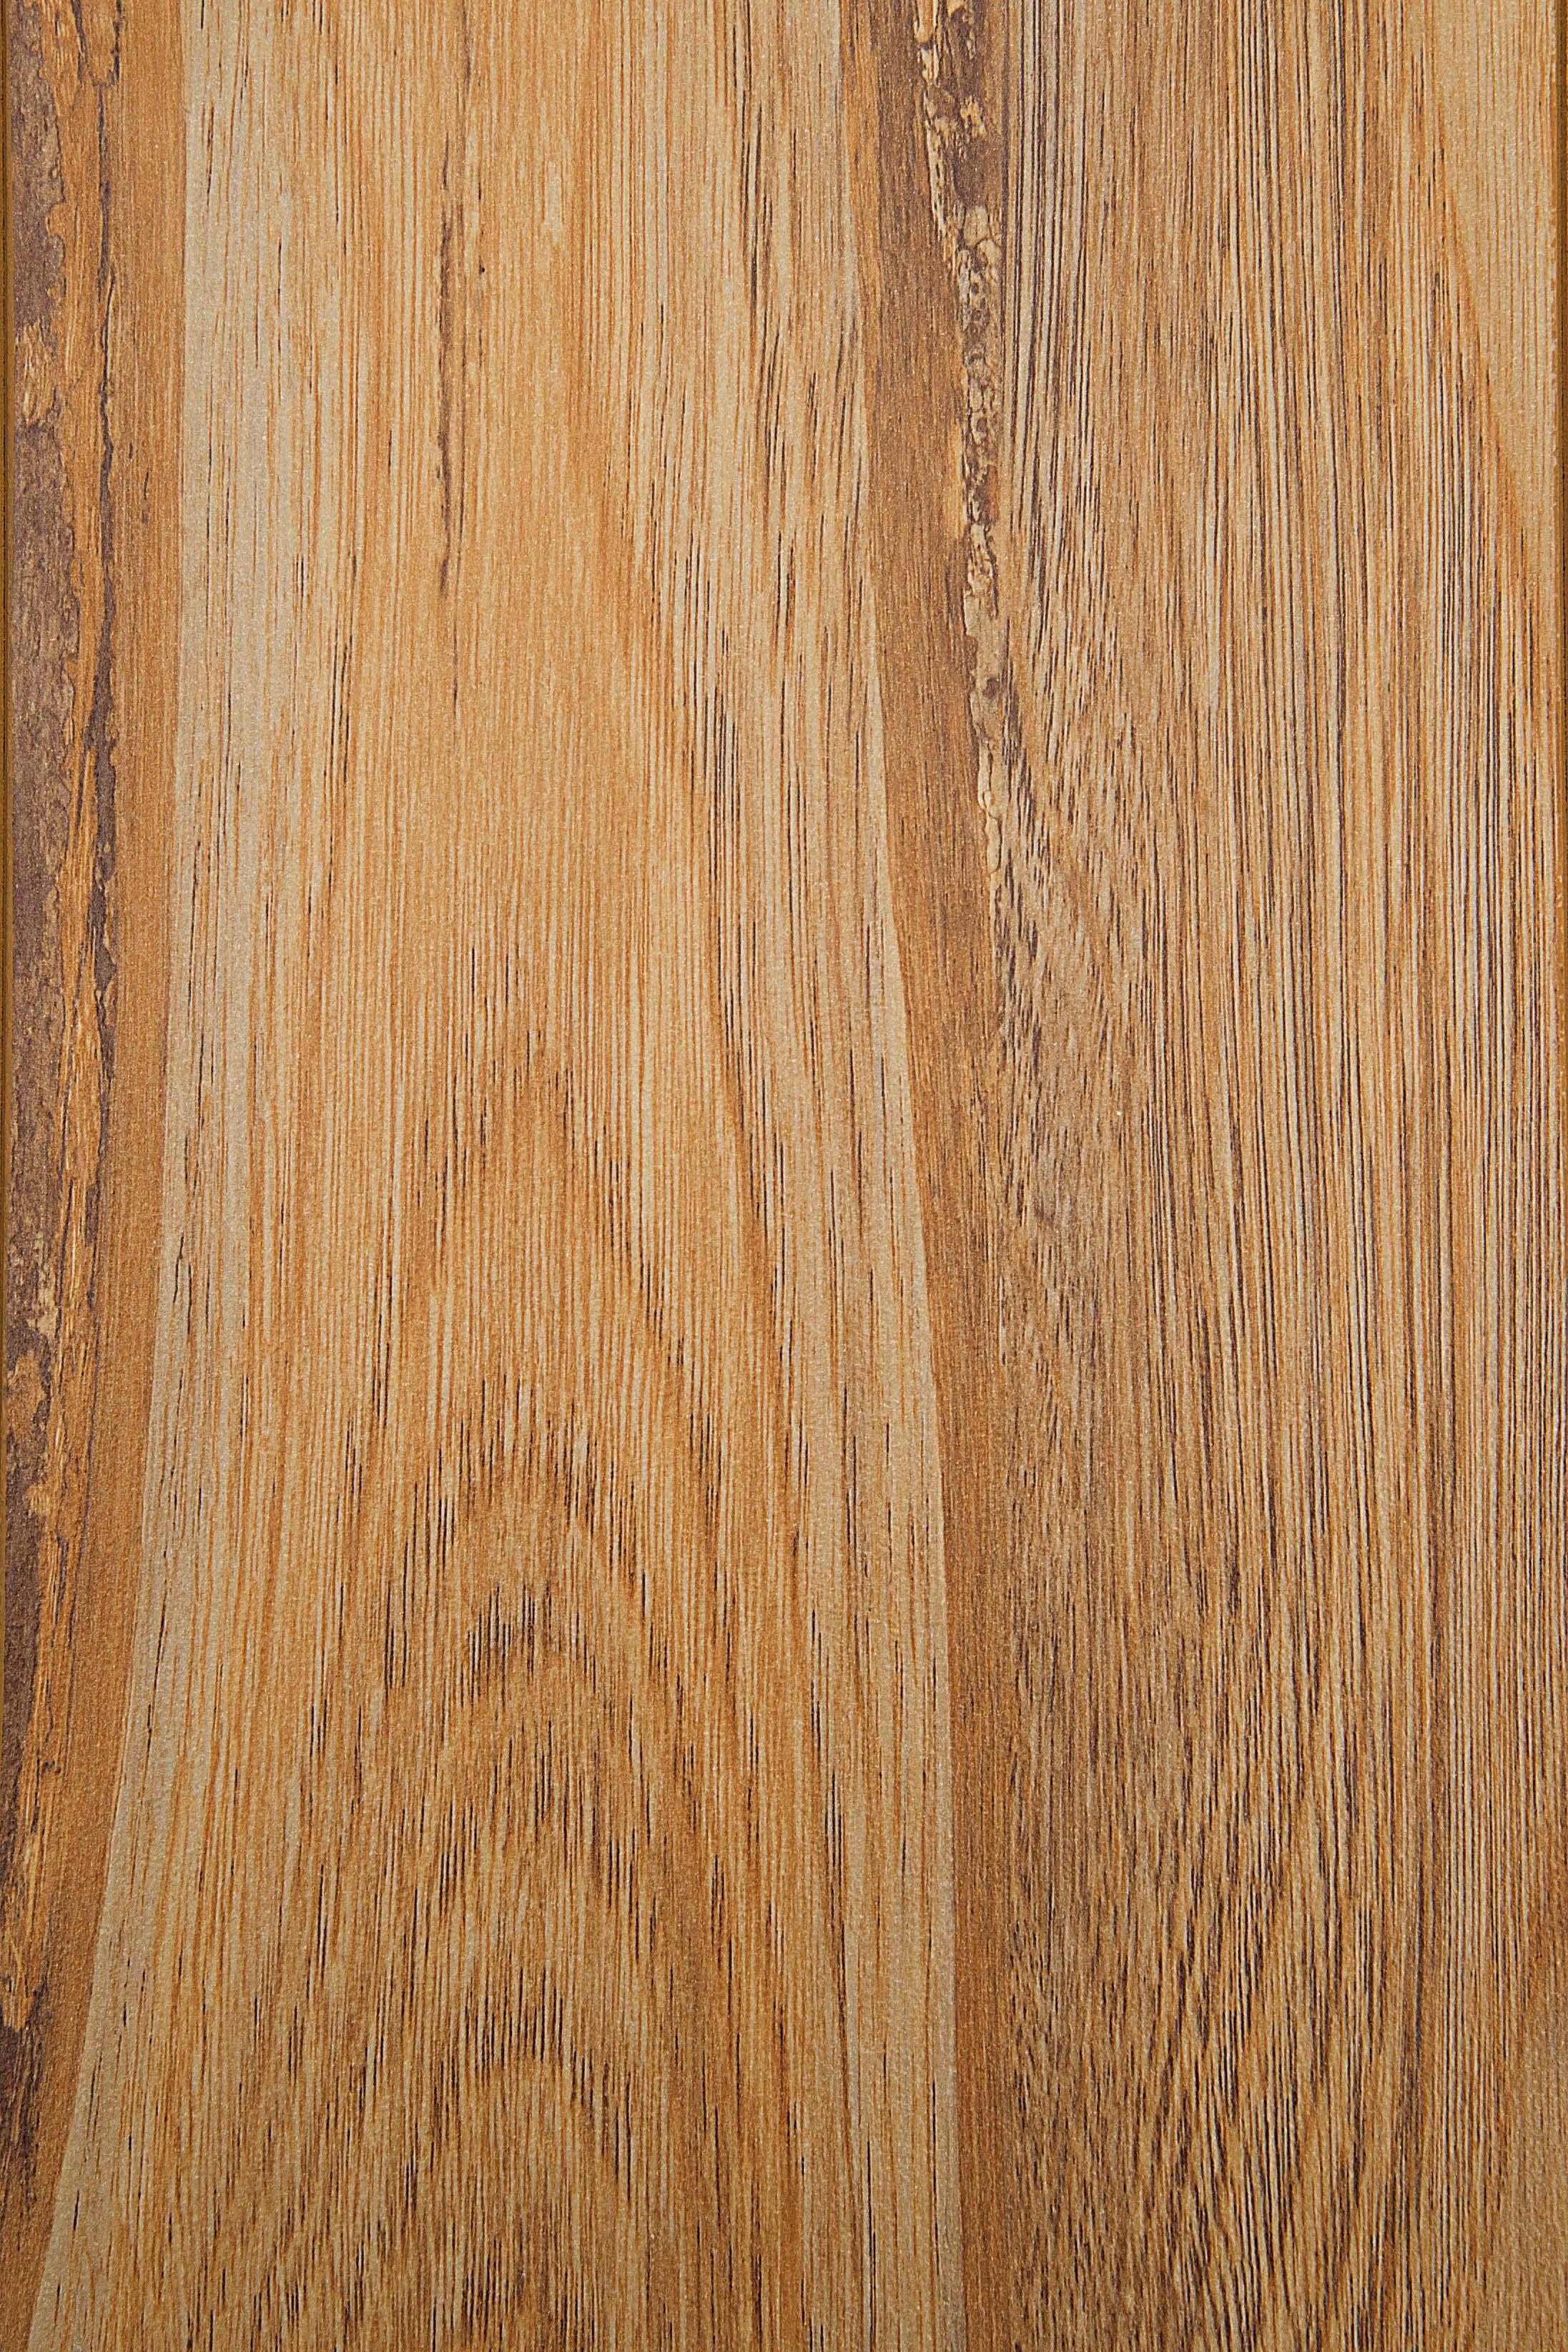 Cinnamon Plum 1